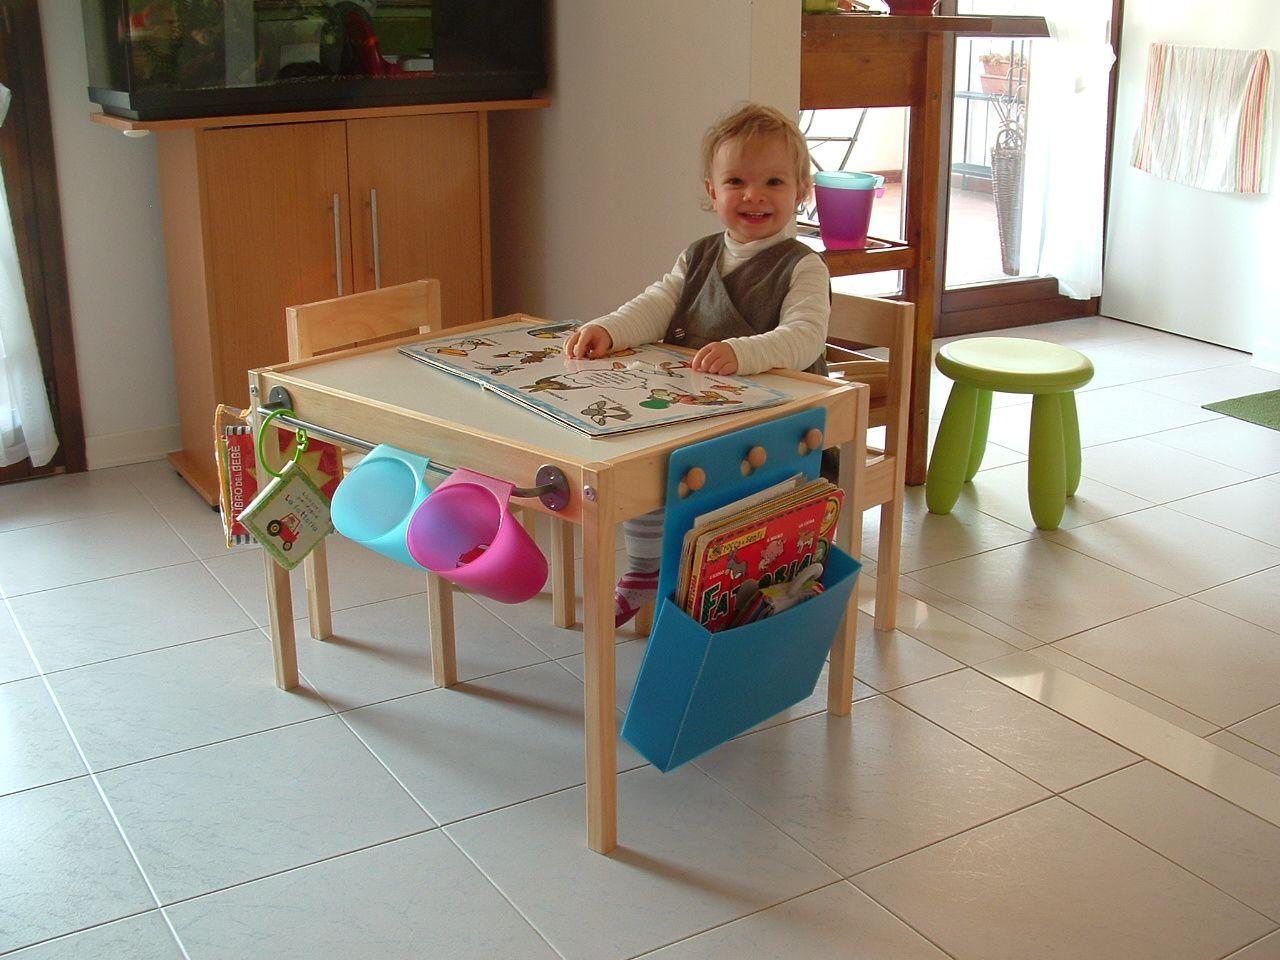 Drawing table ikea decorando nuestra casa muebles - Ikea muebles infantiles ...